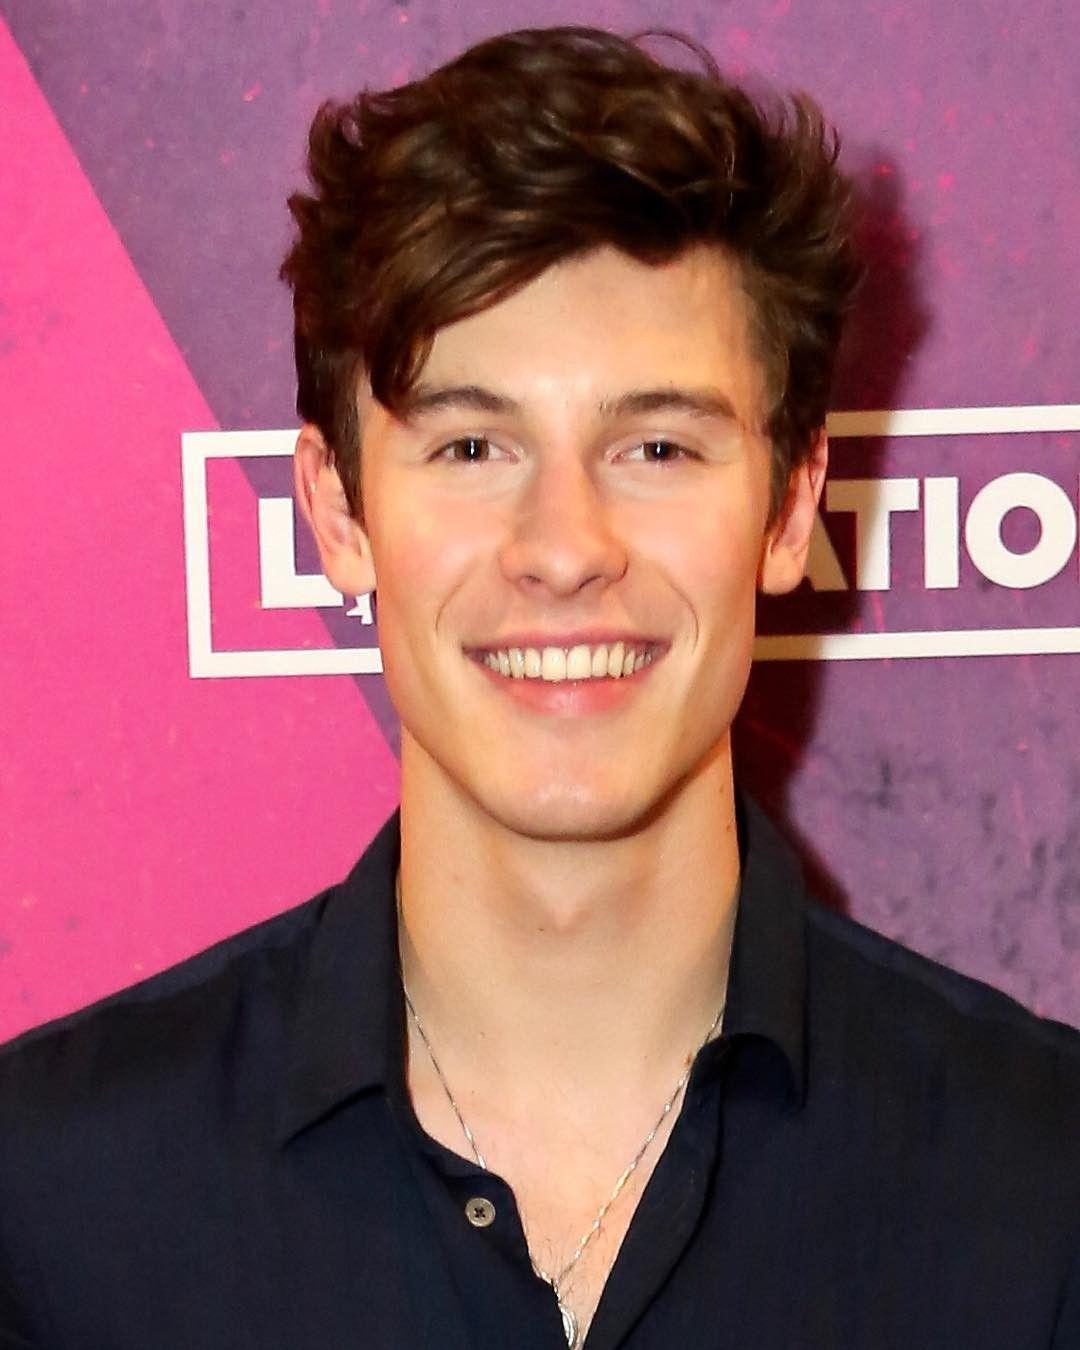 Love His New Hair Shawn Mendes Girlfriend Shawn Mendes News Shawn Mendes